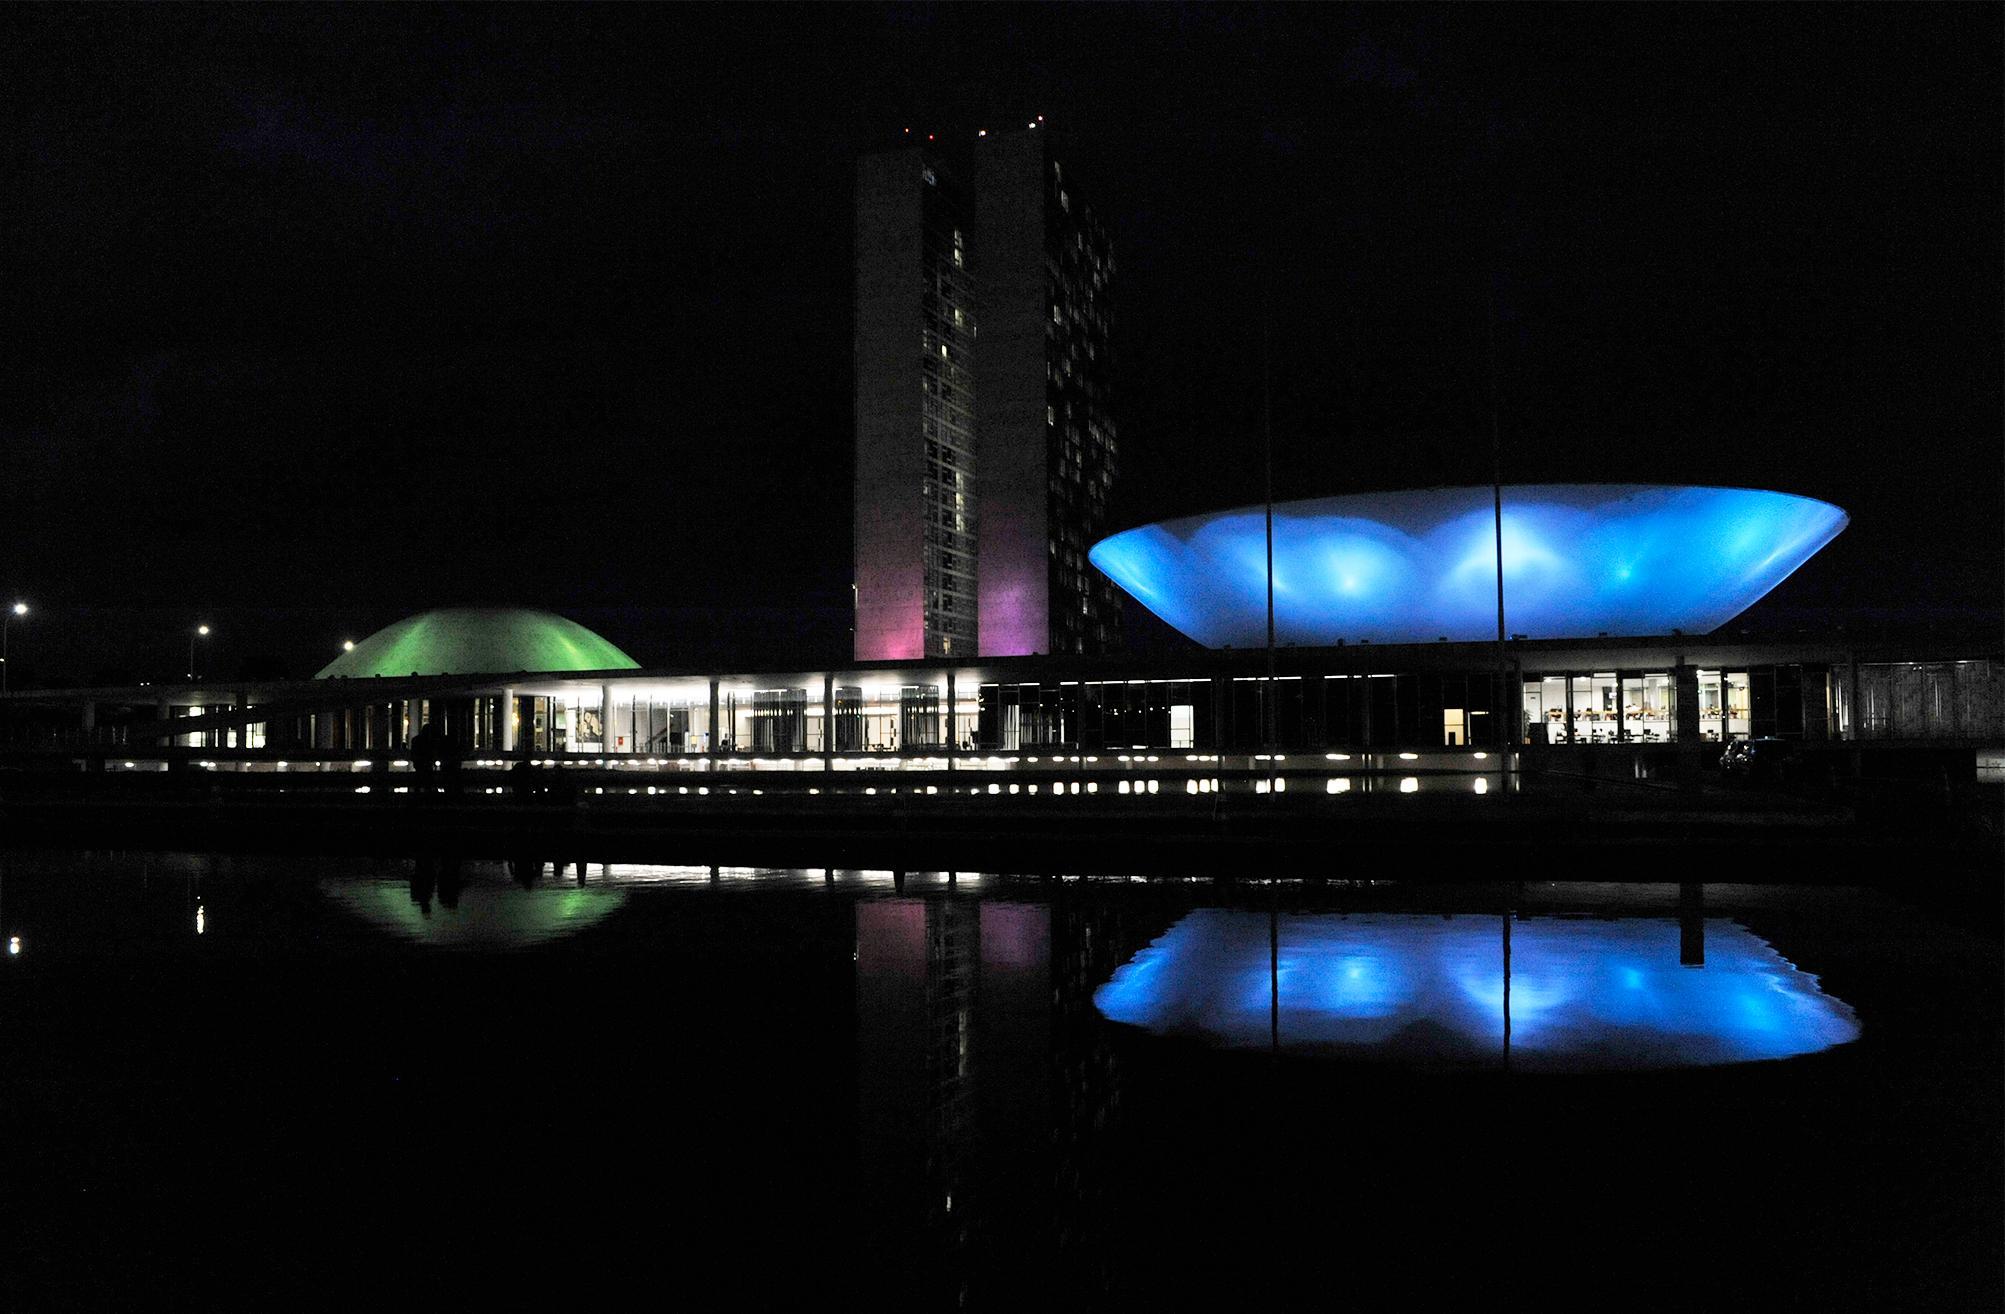 O Palácio do Congresso Nacional ganha iluminação especial para chamar a atenção para o Dia Mundial das Doenças Raras